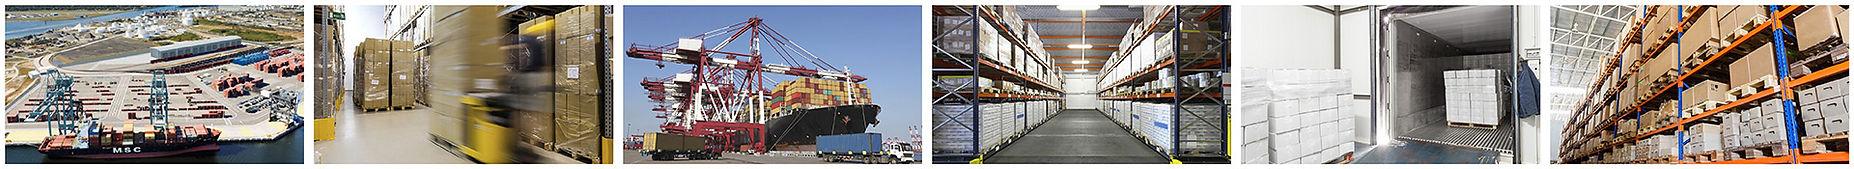 aausa-warehousing-storage.jpg